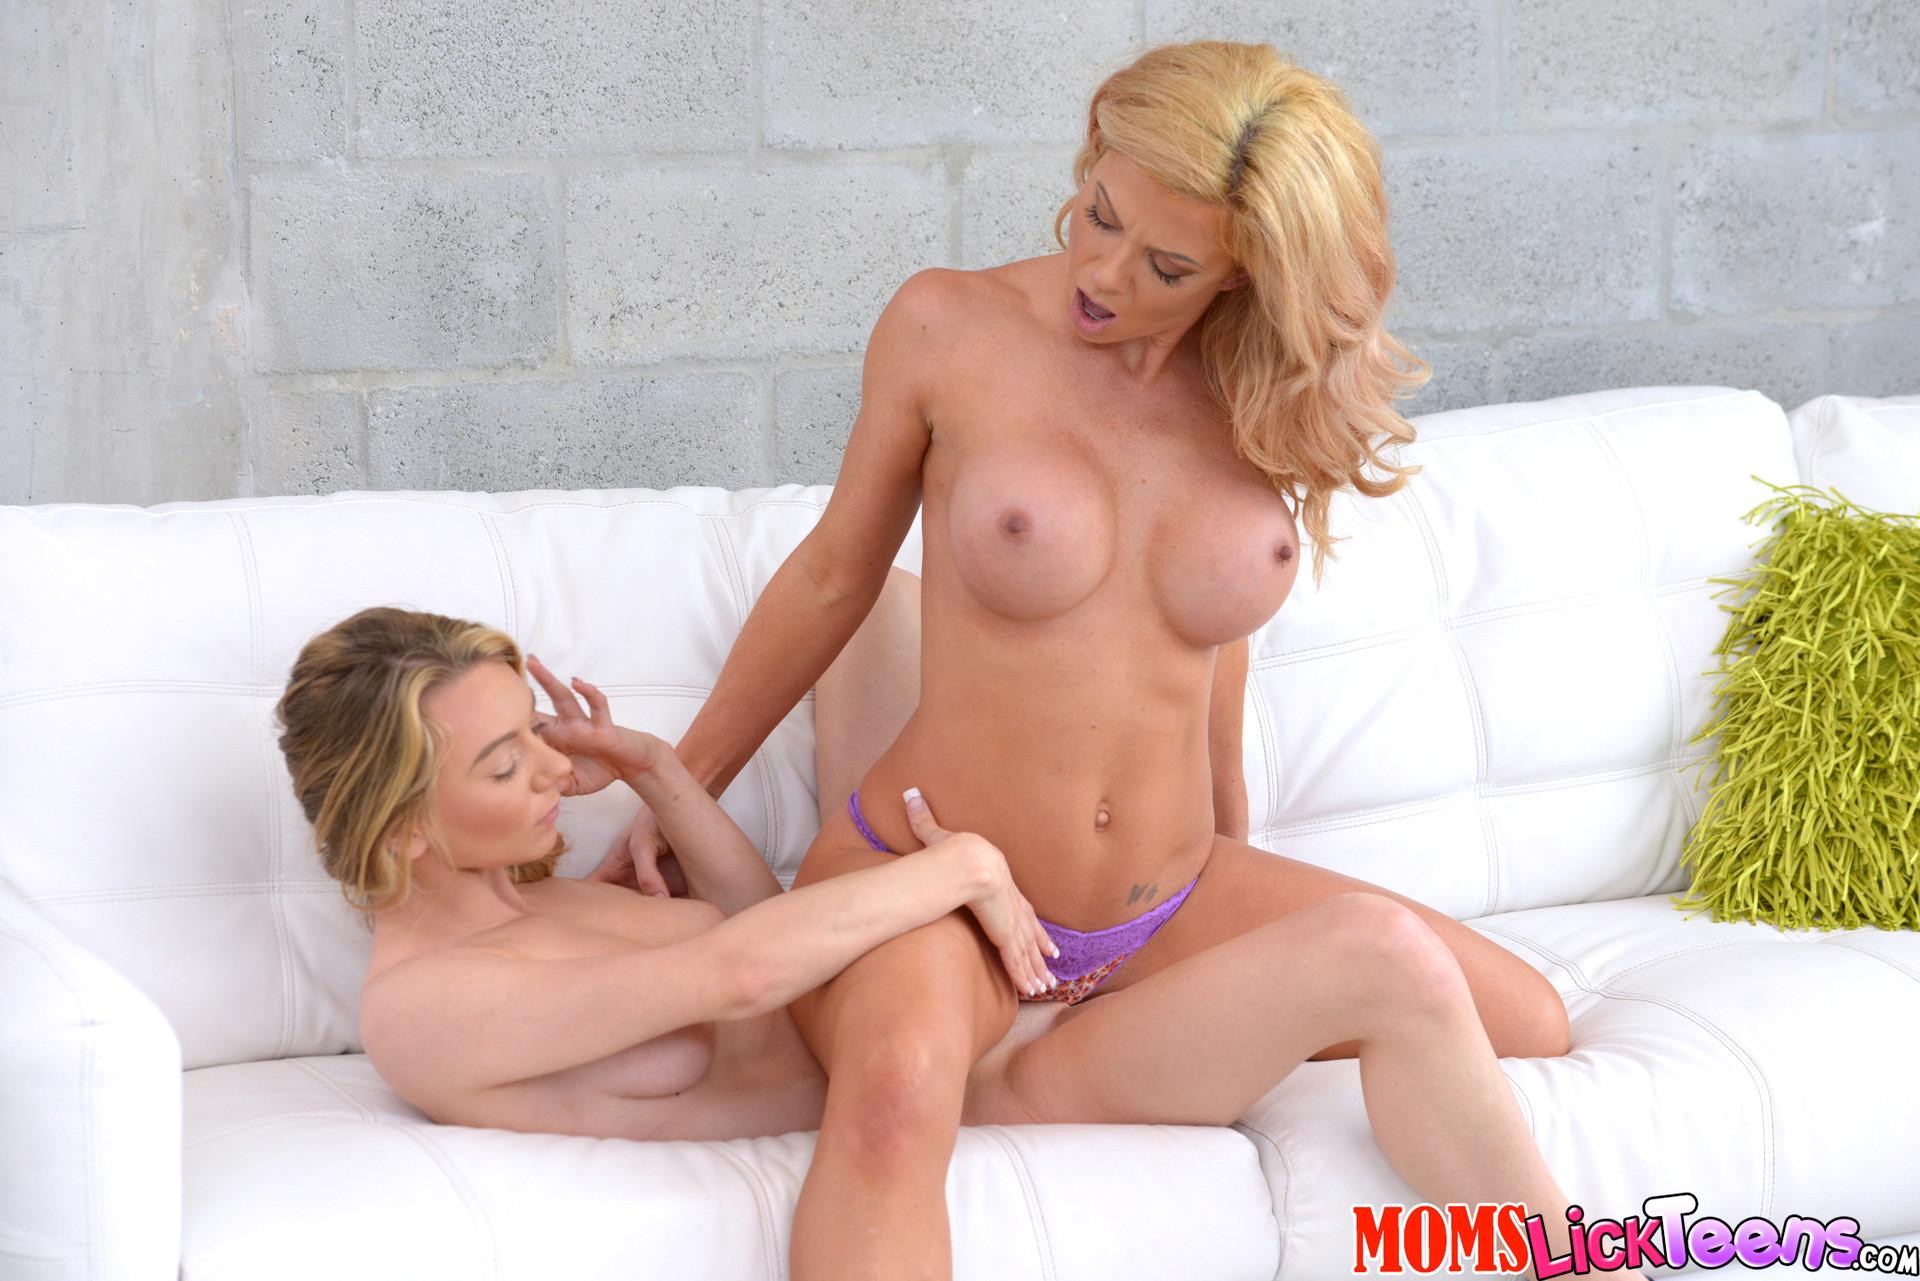 Want ravish lesbian pics and vids